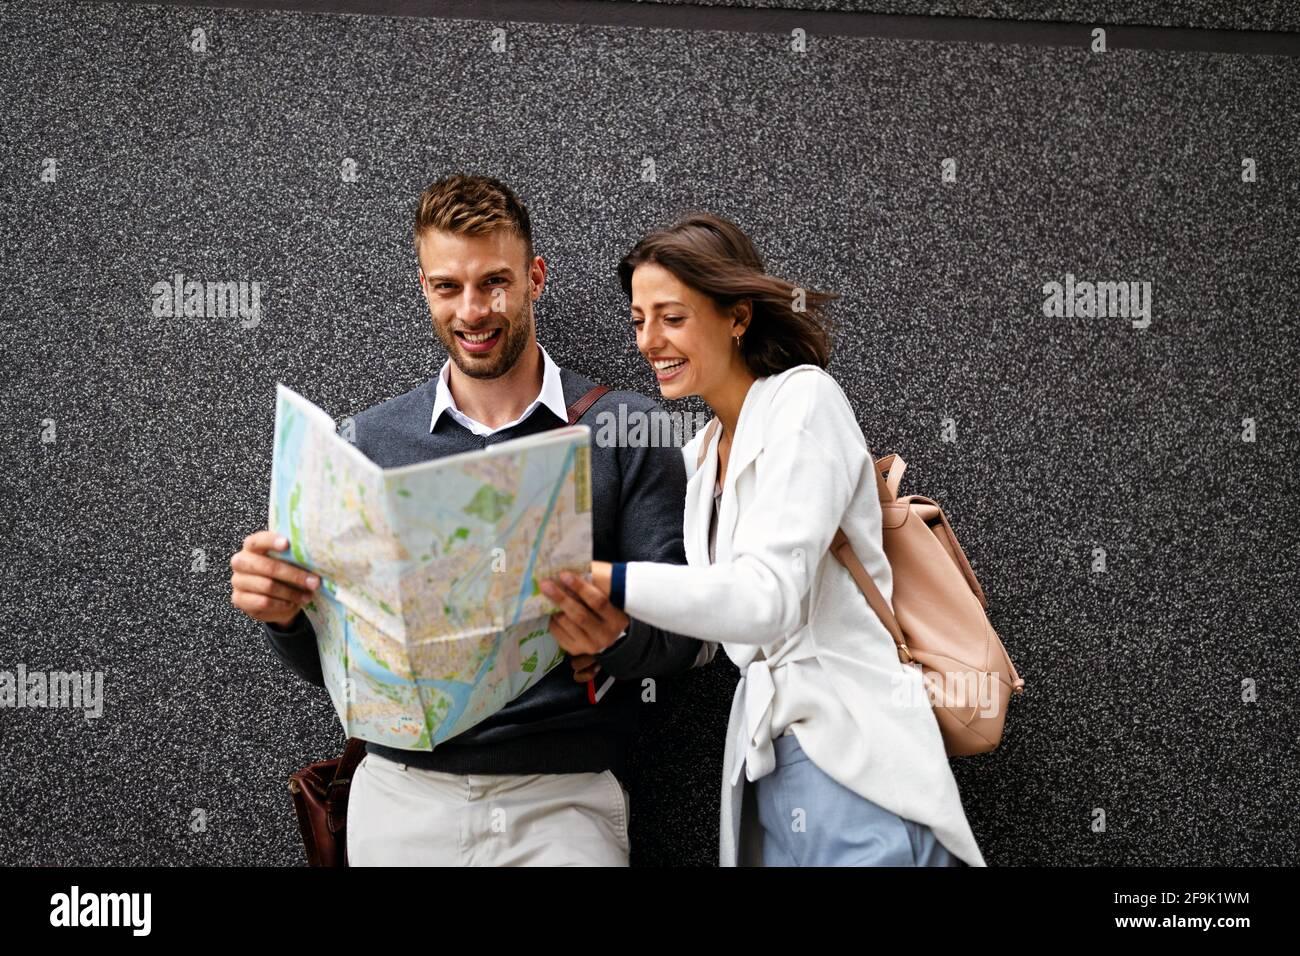 Une femme souriante et un homme heureux adorent marcher avec la carte de la ville Banque D'Images